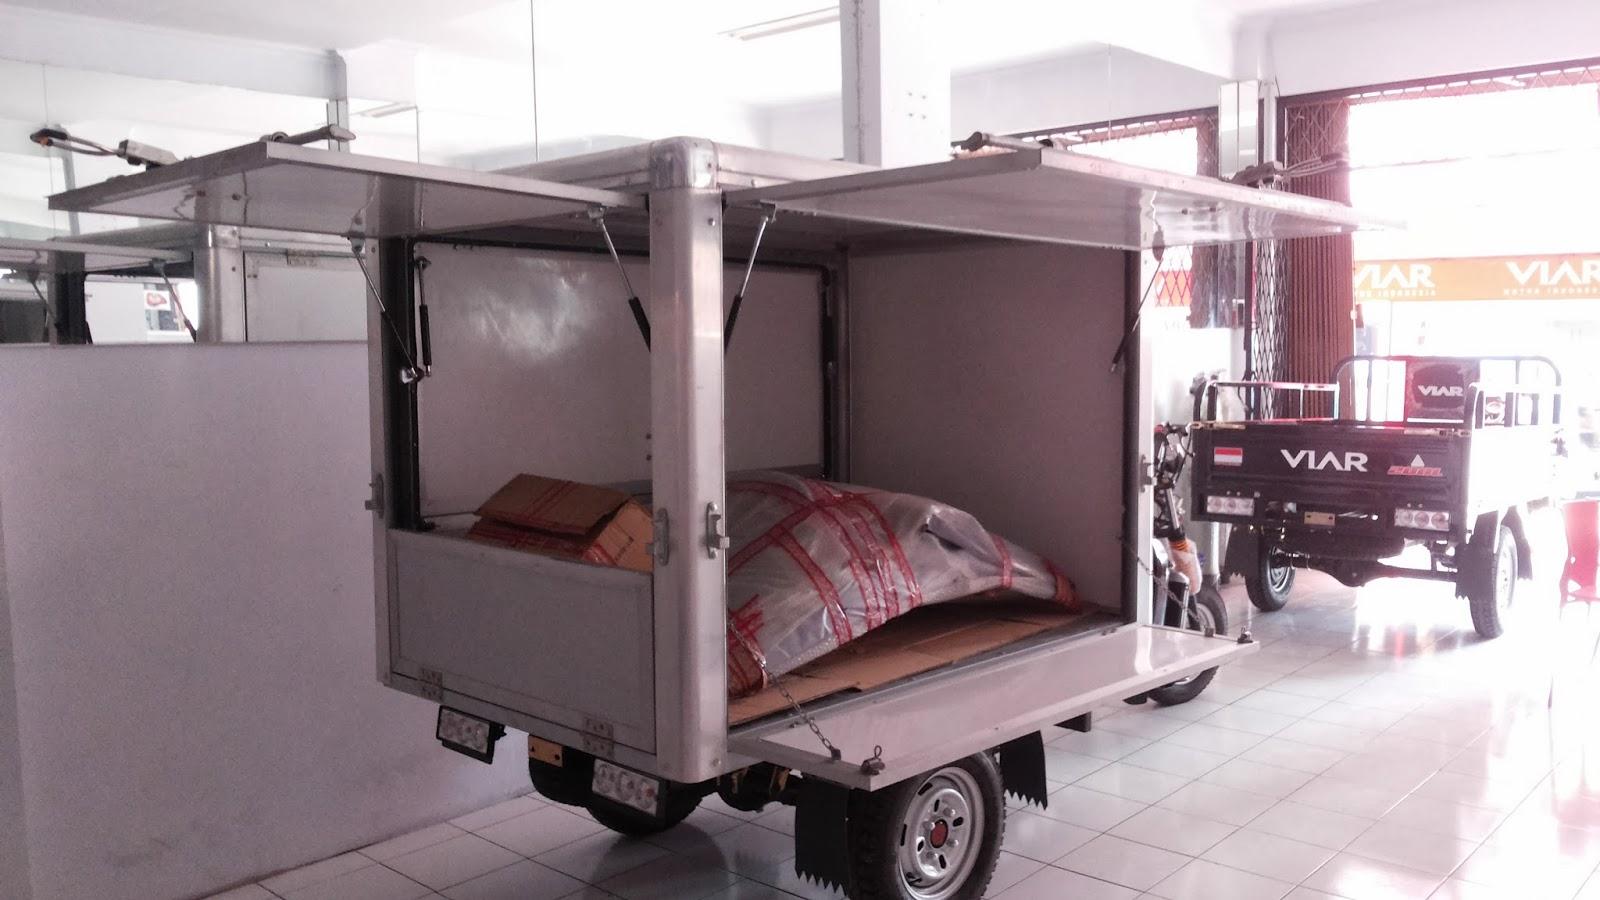 Motor Niaga Roda Tiga Kaisar Triseda Rx 250 Cc Long Box Asumsi Perhitungan Bisnis Contoh Dagangan Nasi Uduk Jumlah 100 Bungkus Hari Harga Jual Rp 4000 Profit 1000 100000